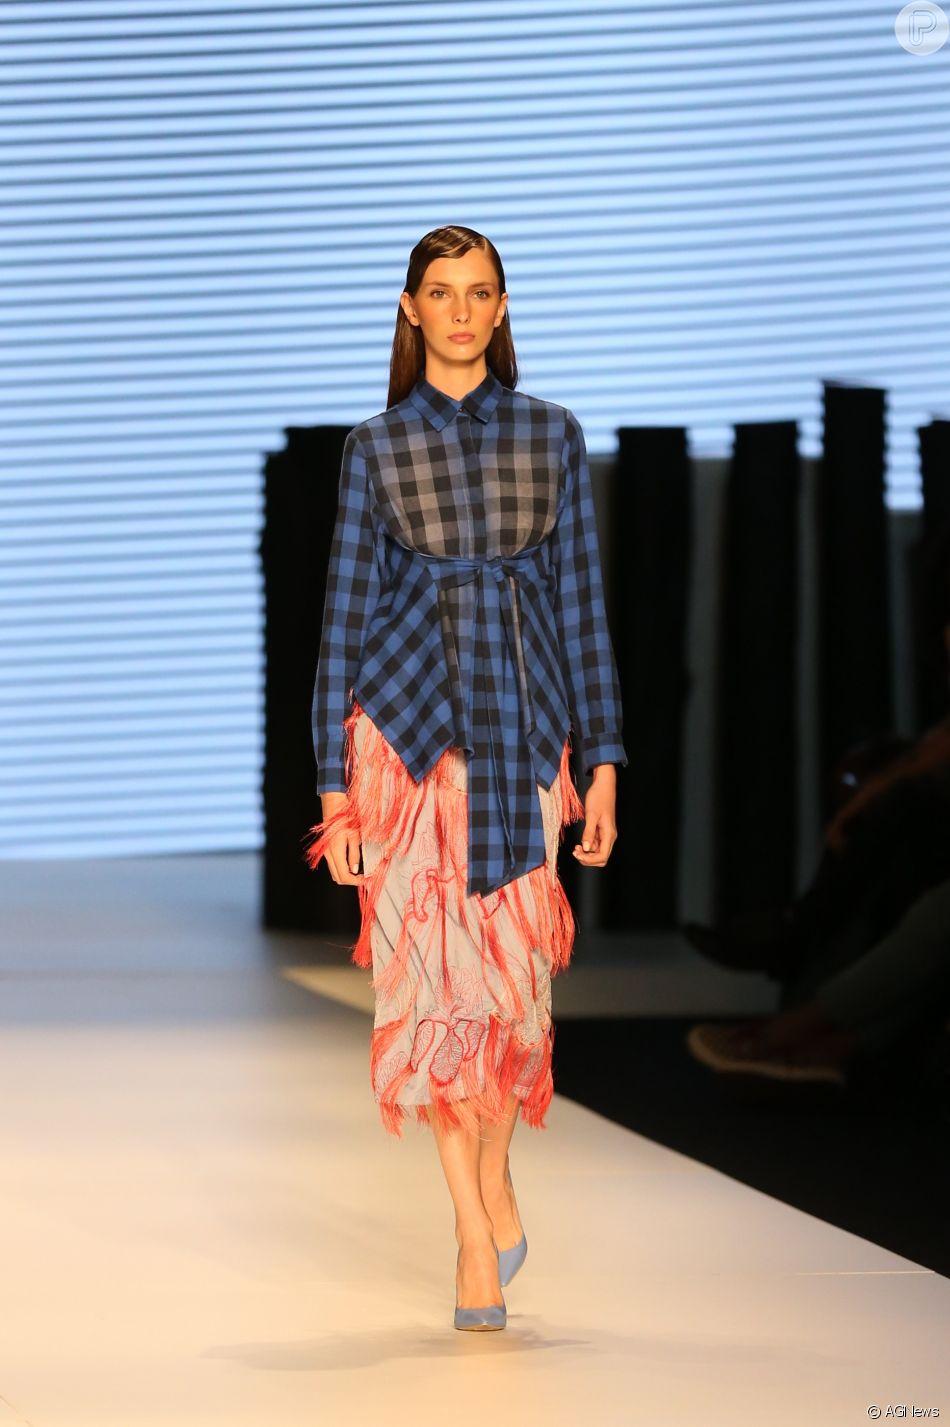 9484d6b0e2c56 trouxe um conceito moderno e bem jovial com estampas em xadrez - estilo  buffalo azul - peças desfiadas e jeans